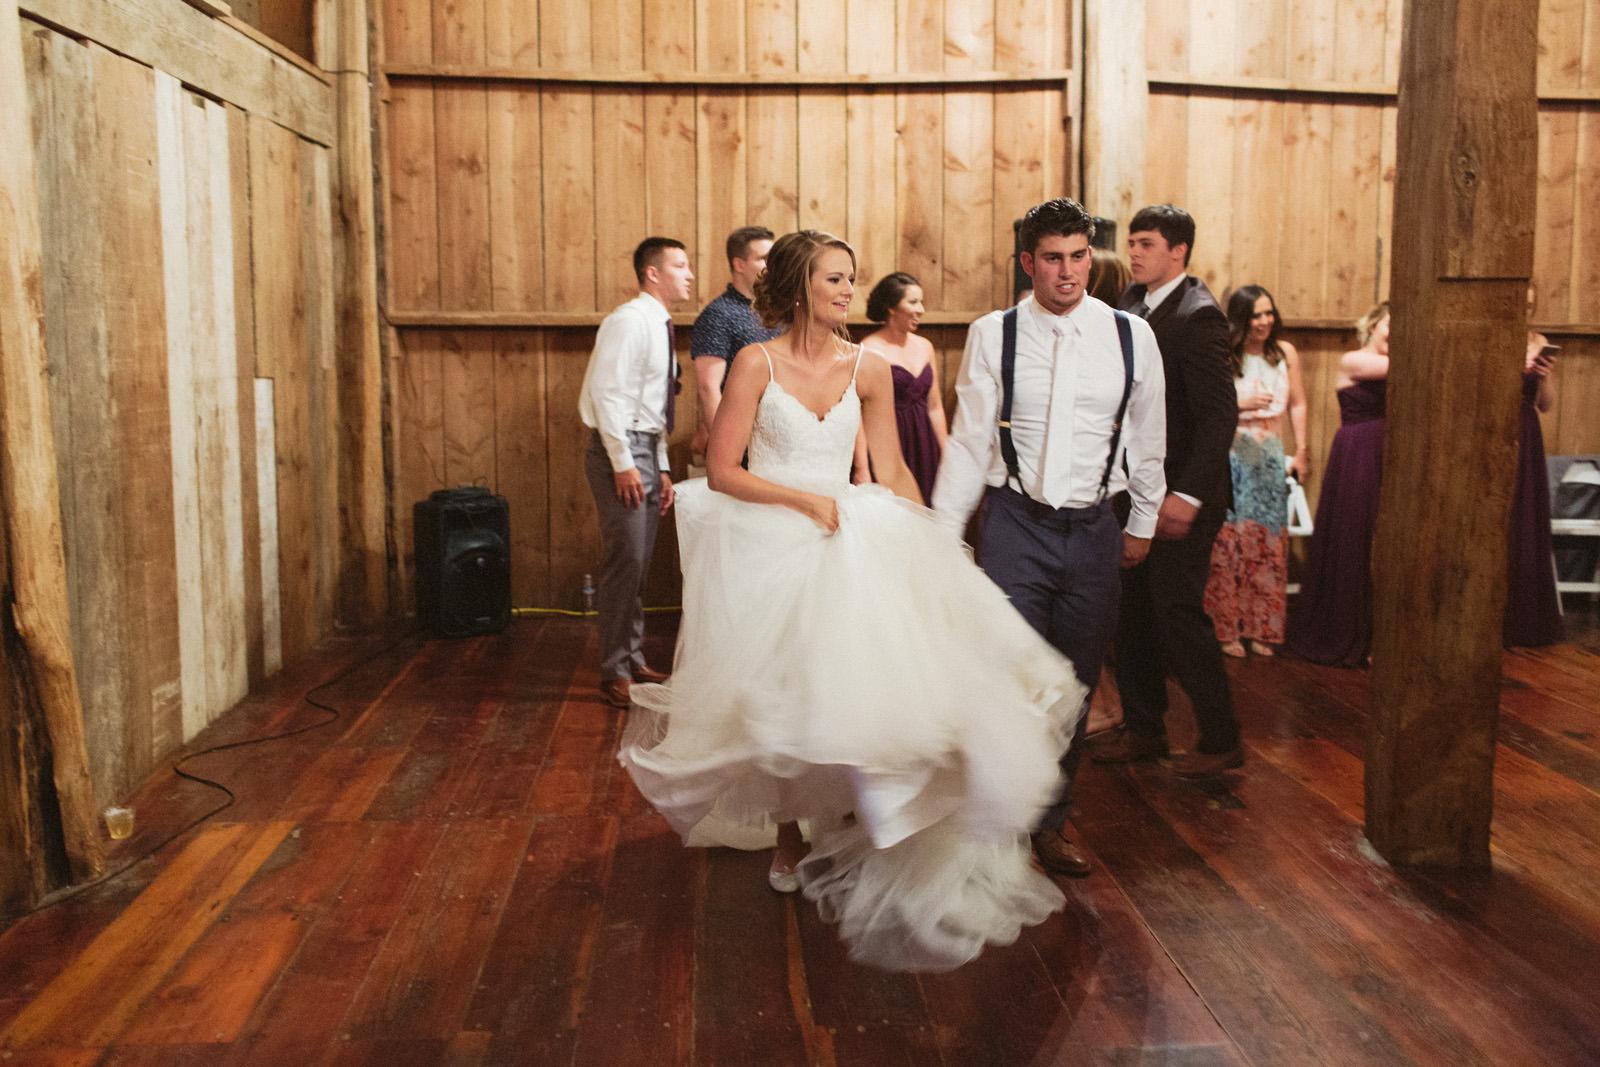 jacobregan-blog-47 SCHILLER FAMILY FARM WEDDING